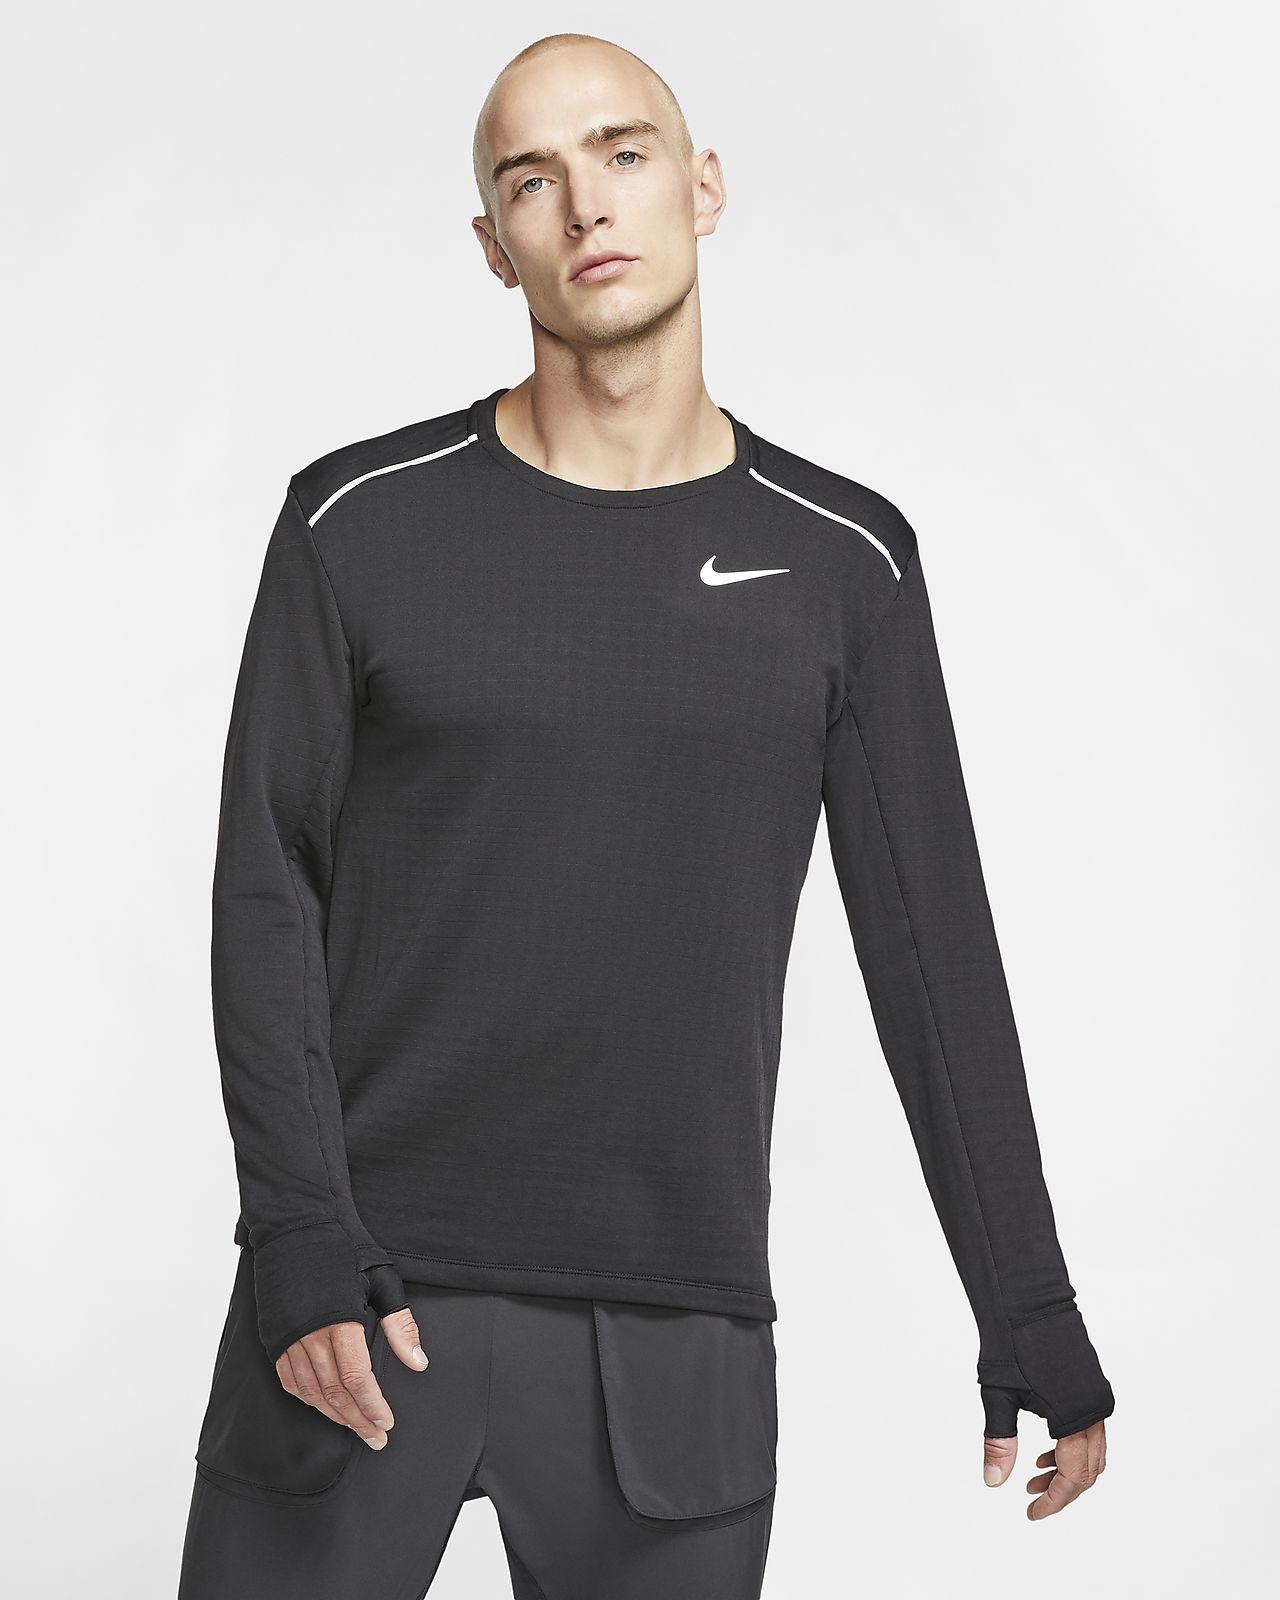 Desacuerdo Tranquilidad tablero  camisetas nike running hombre - Tienda Online de Zapatos, Ropa y  Complementos de marca